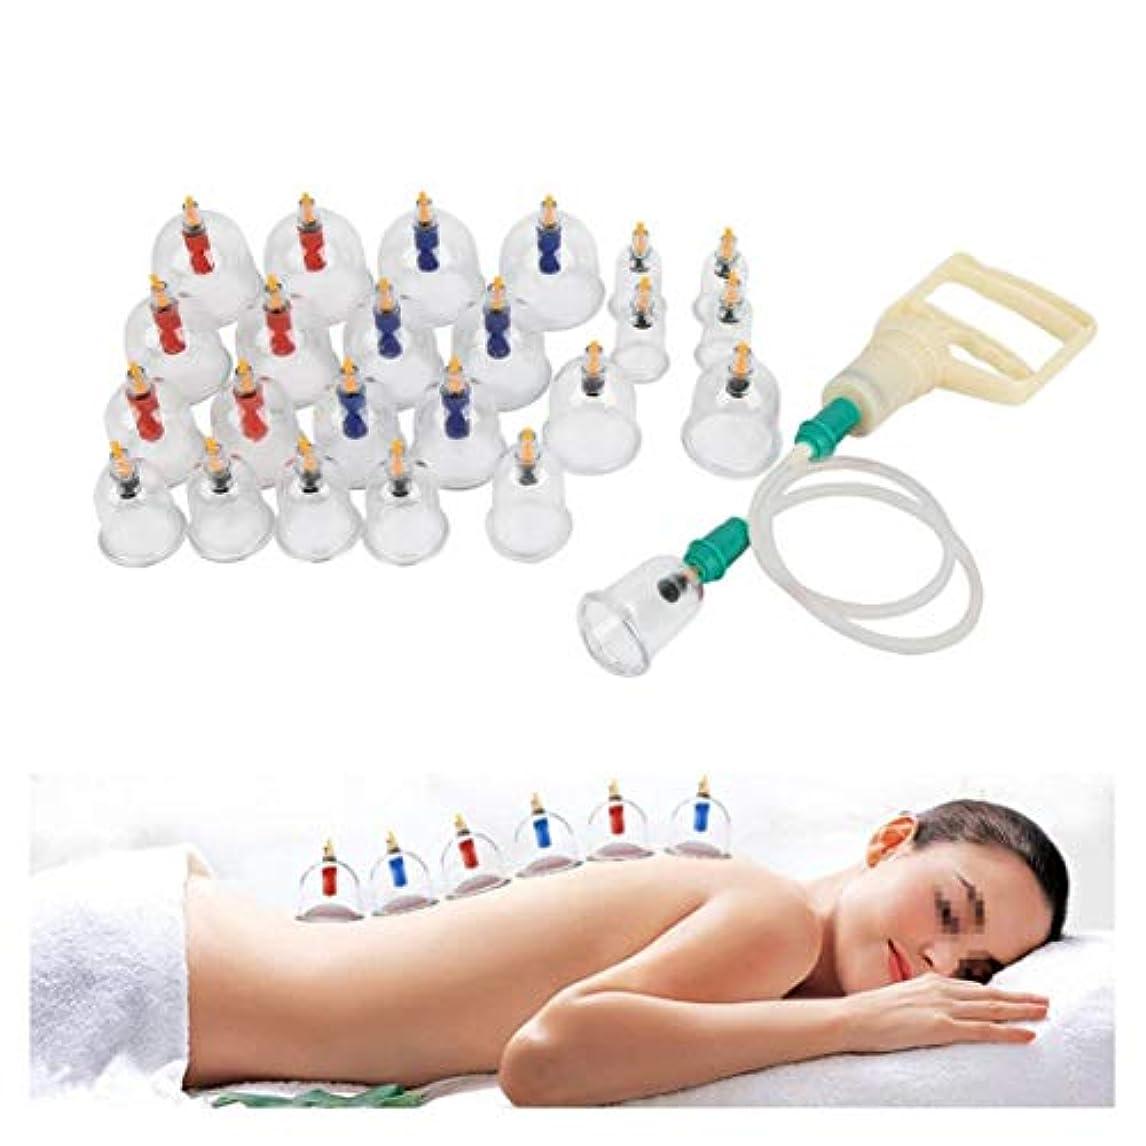 自治オッズひらめきカッピングセラピーセットマッサージバキュームカップキット - 鍼治療のボディ医療サクションセット24ピース用痛み緩和